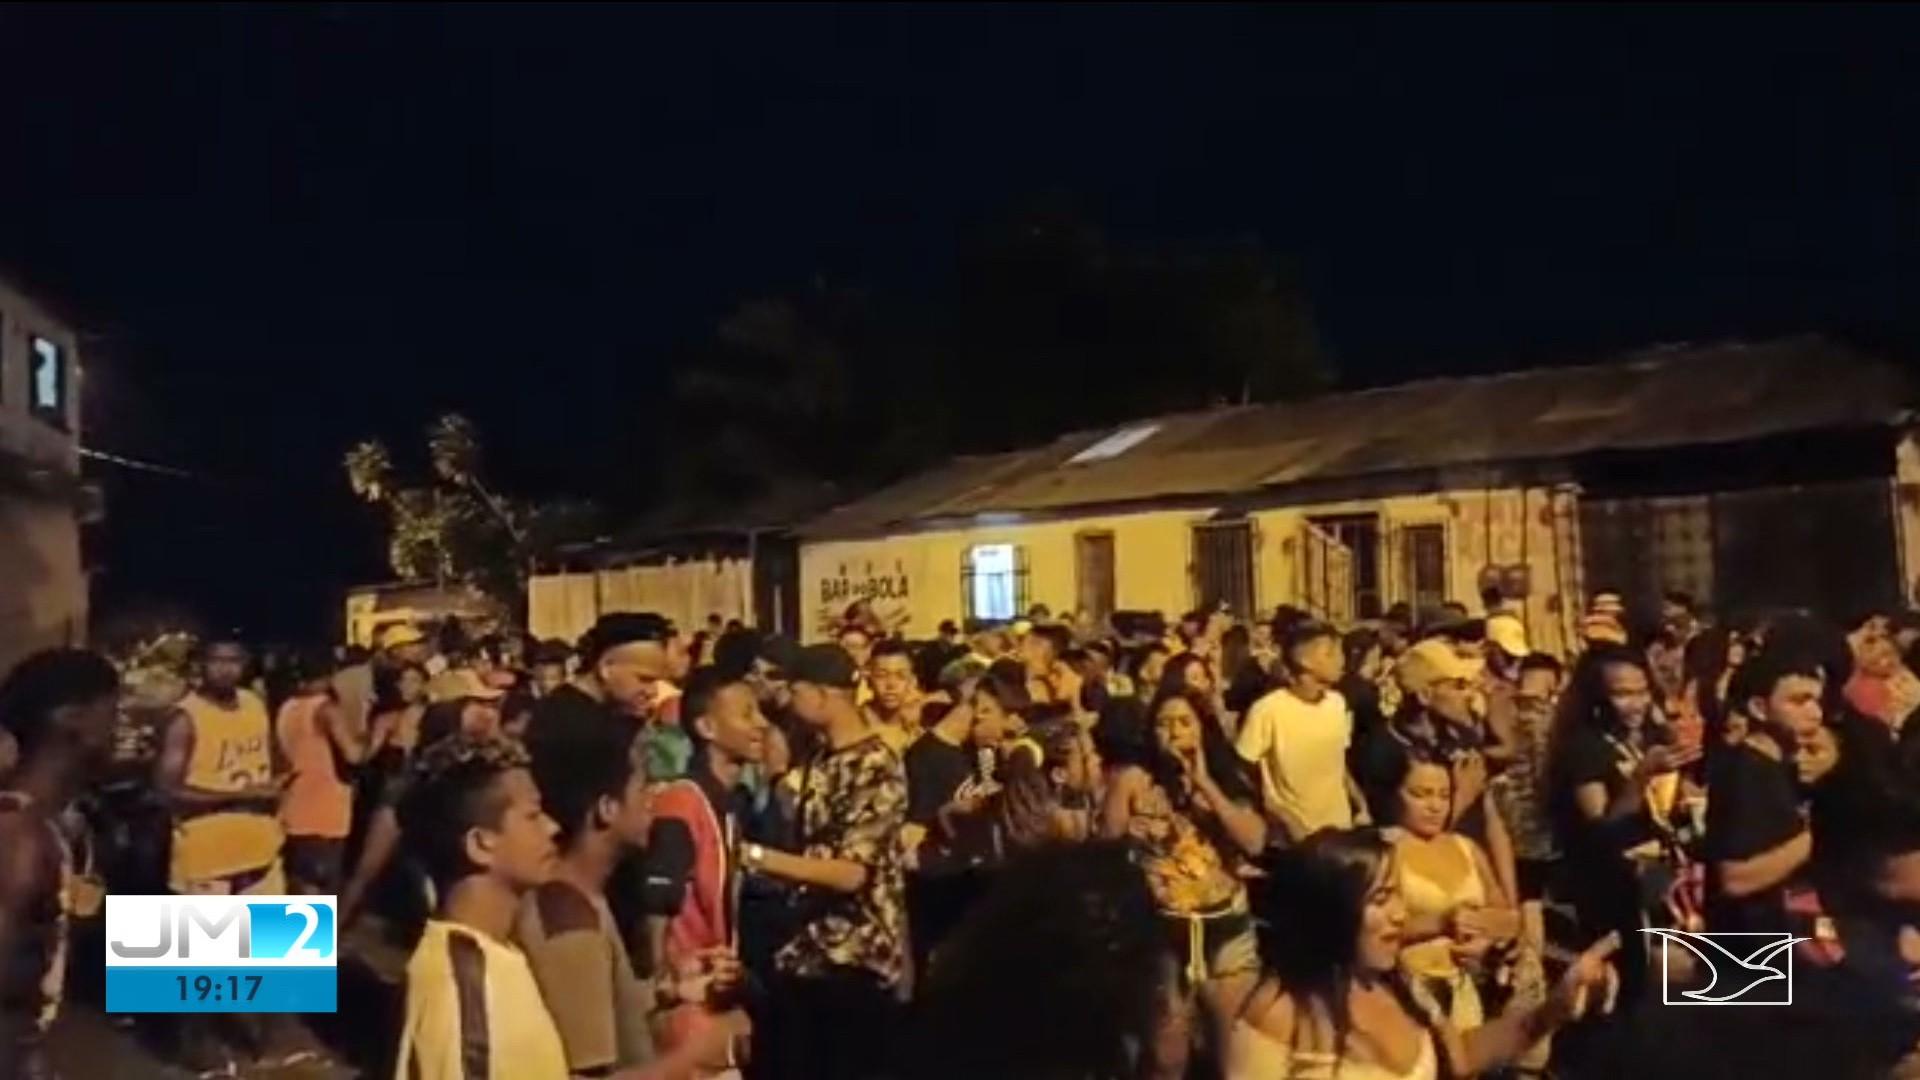 Em plena pandemia, dois bailes funk clandestinos são interrompidos na Grande São Luís